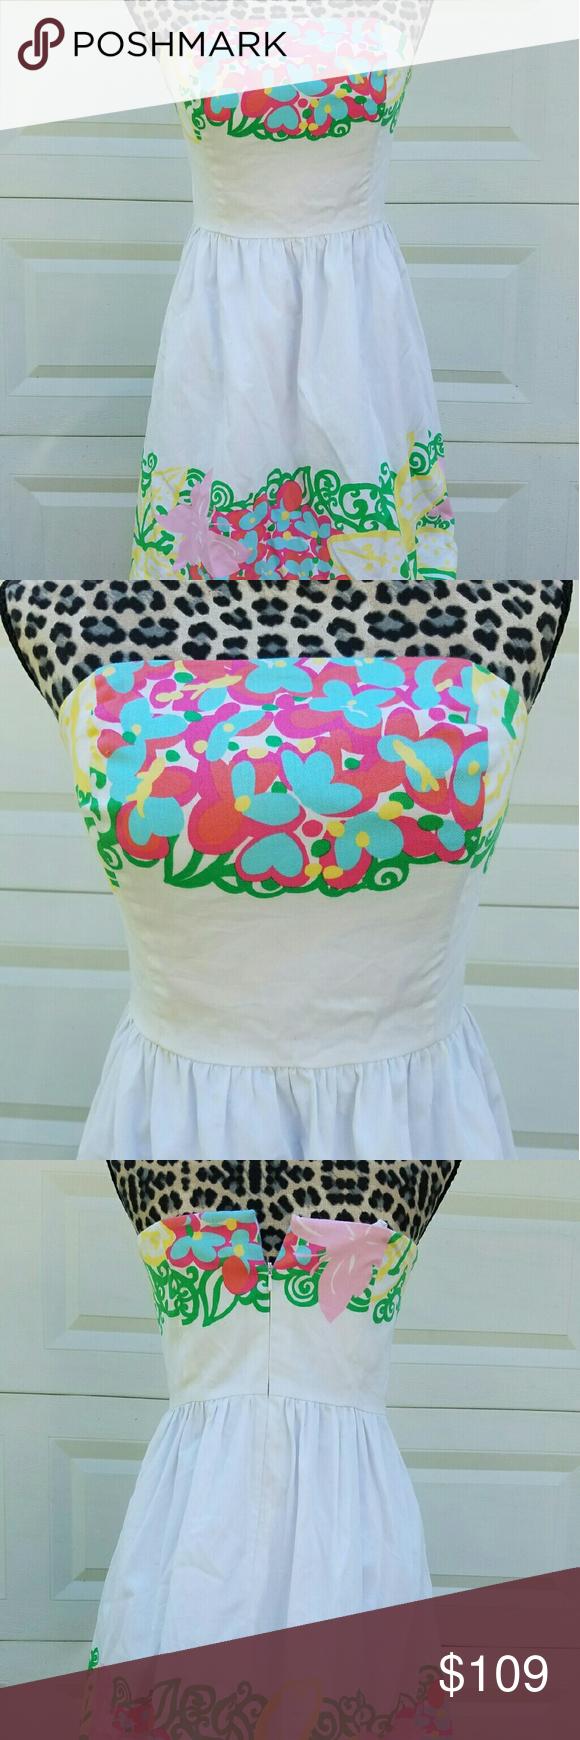 White mariposa lilly dress